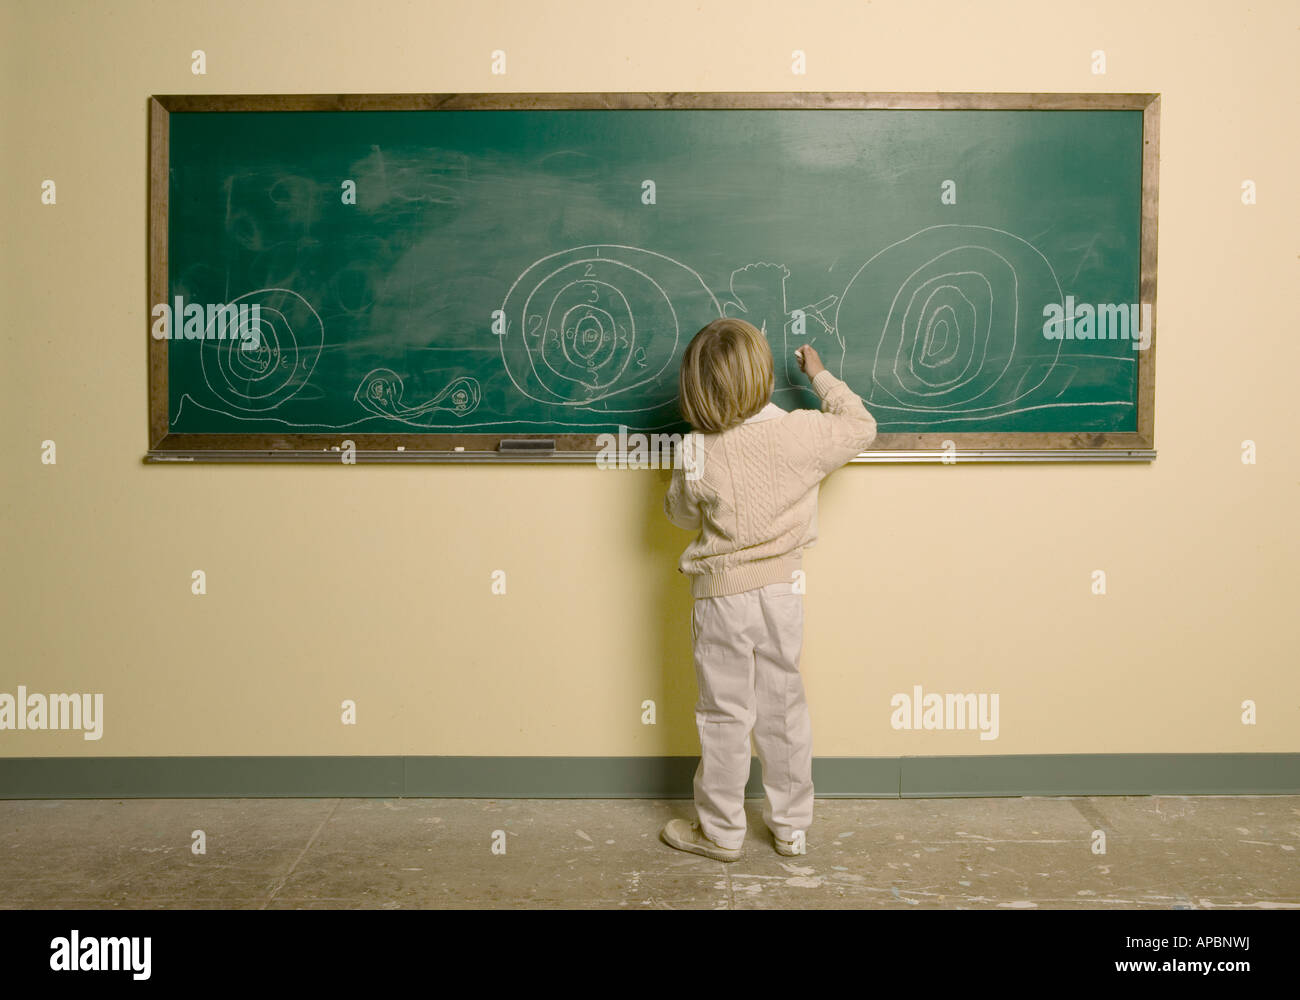 Ragazzo giovane scrive con il gesso sulla grande orizzontale chalk board idee pensare la creazione di learning progettazione Immagini Stock